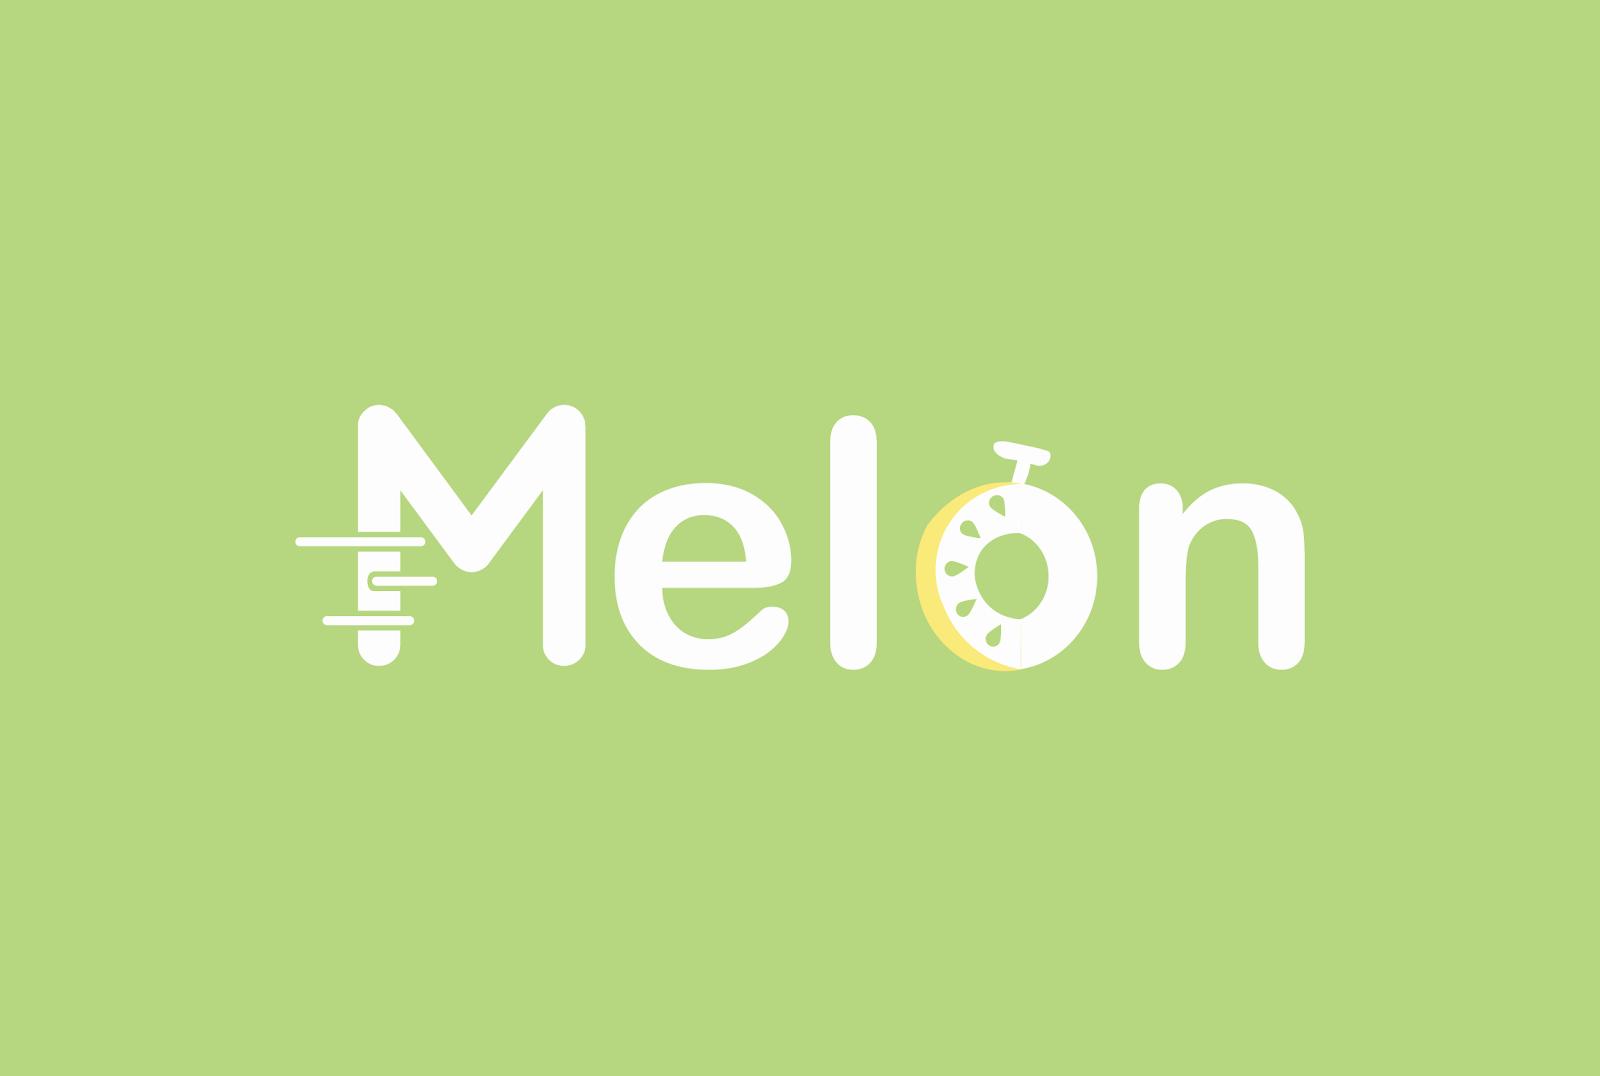 Melon's logo